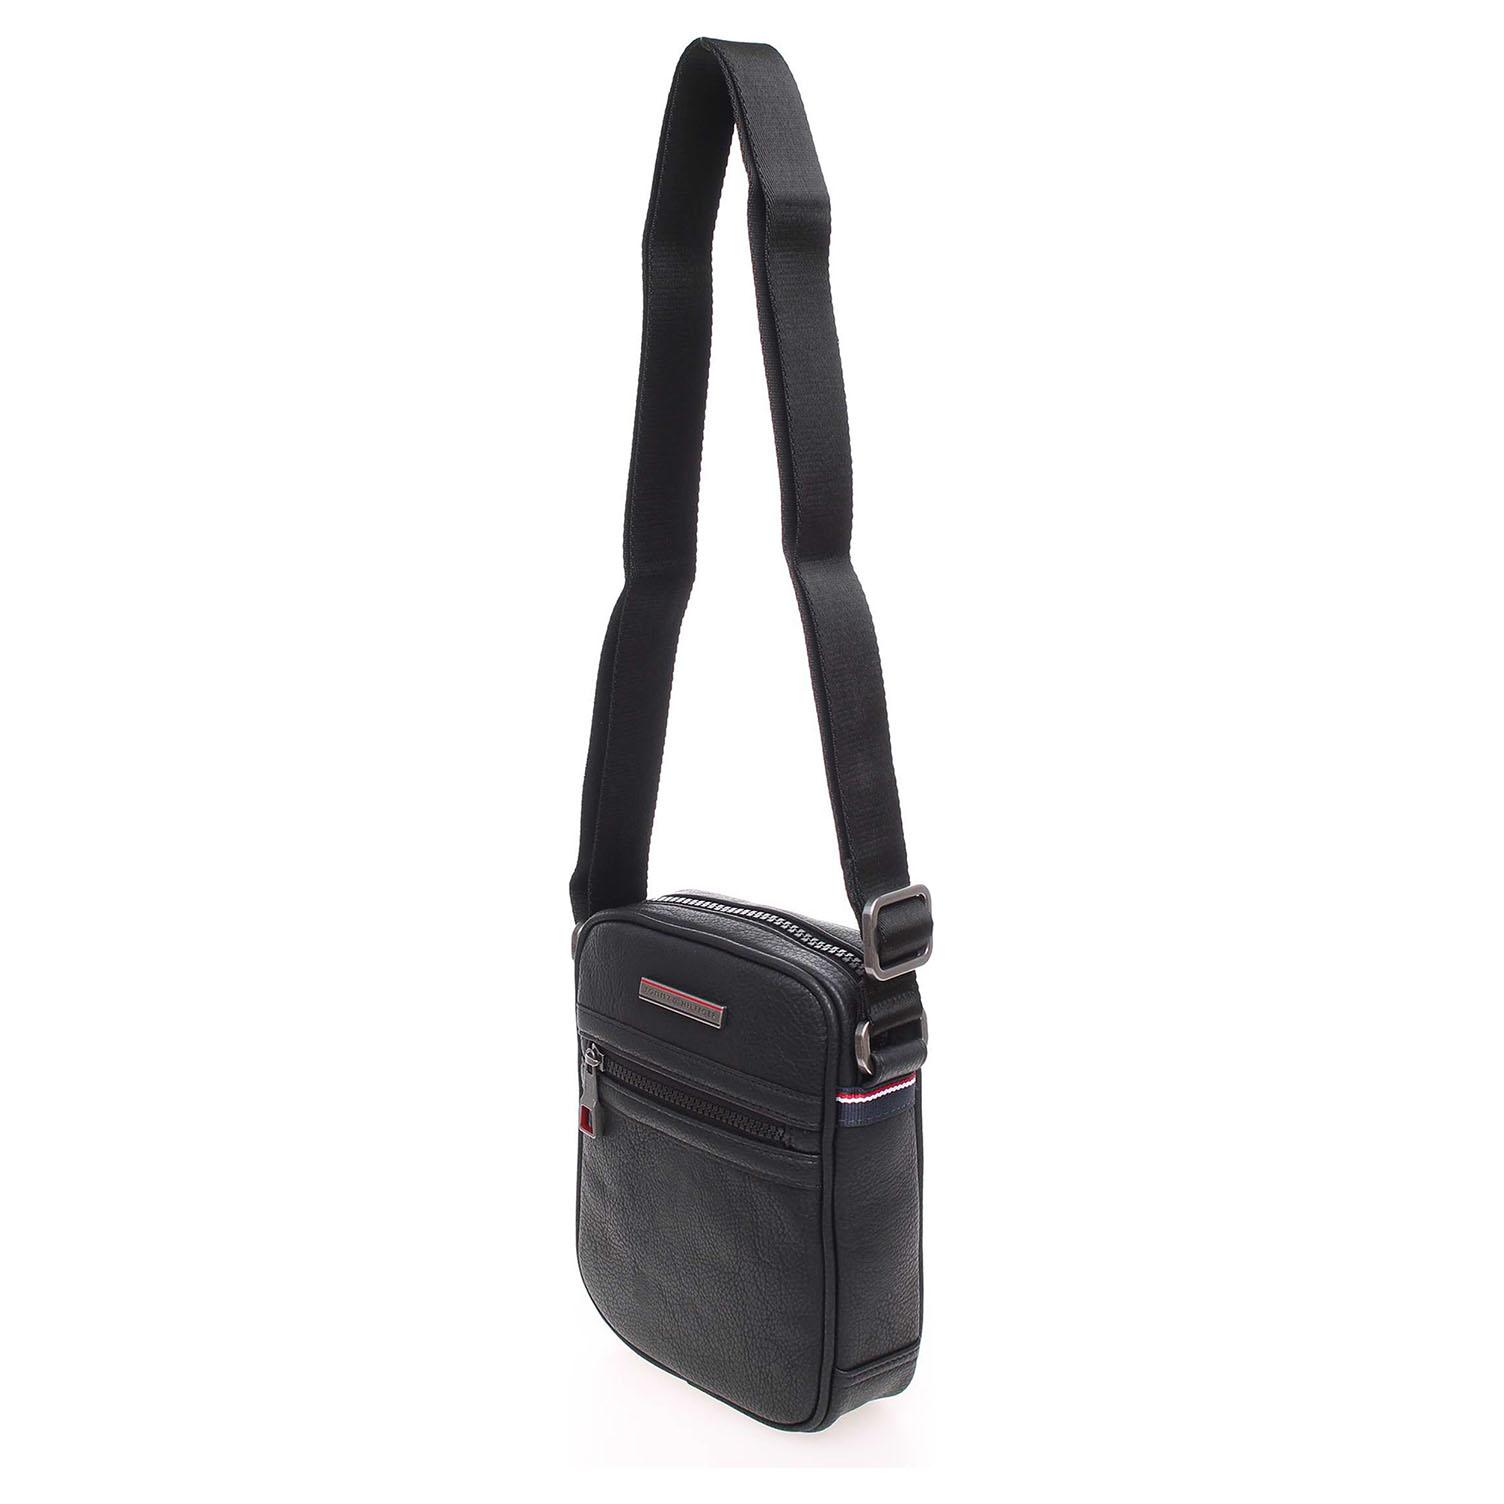 Ecco Tommy Hilfiger pánská taška AM0AM00794 černá 10701162